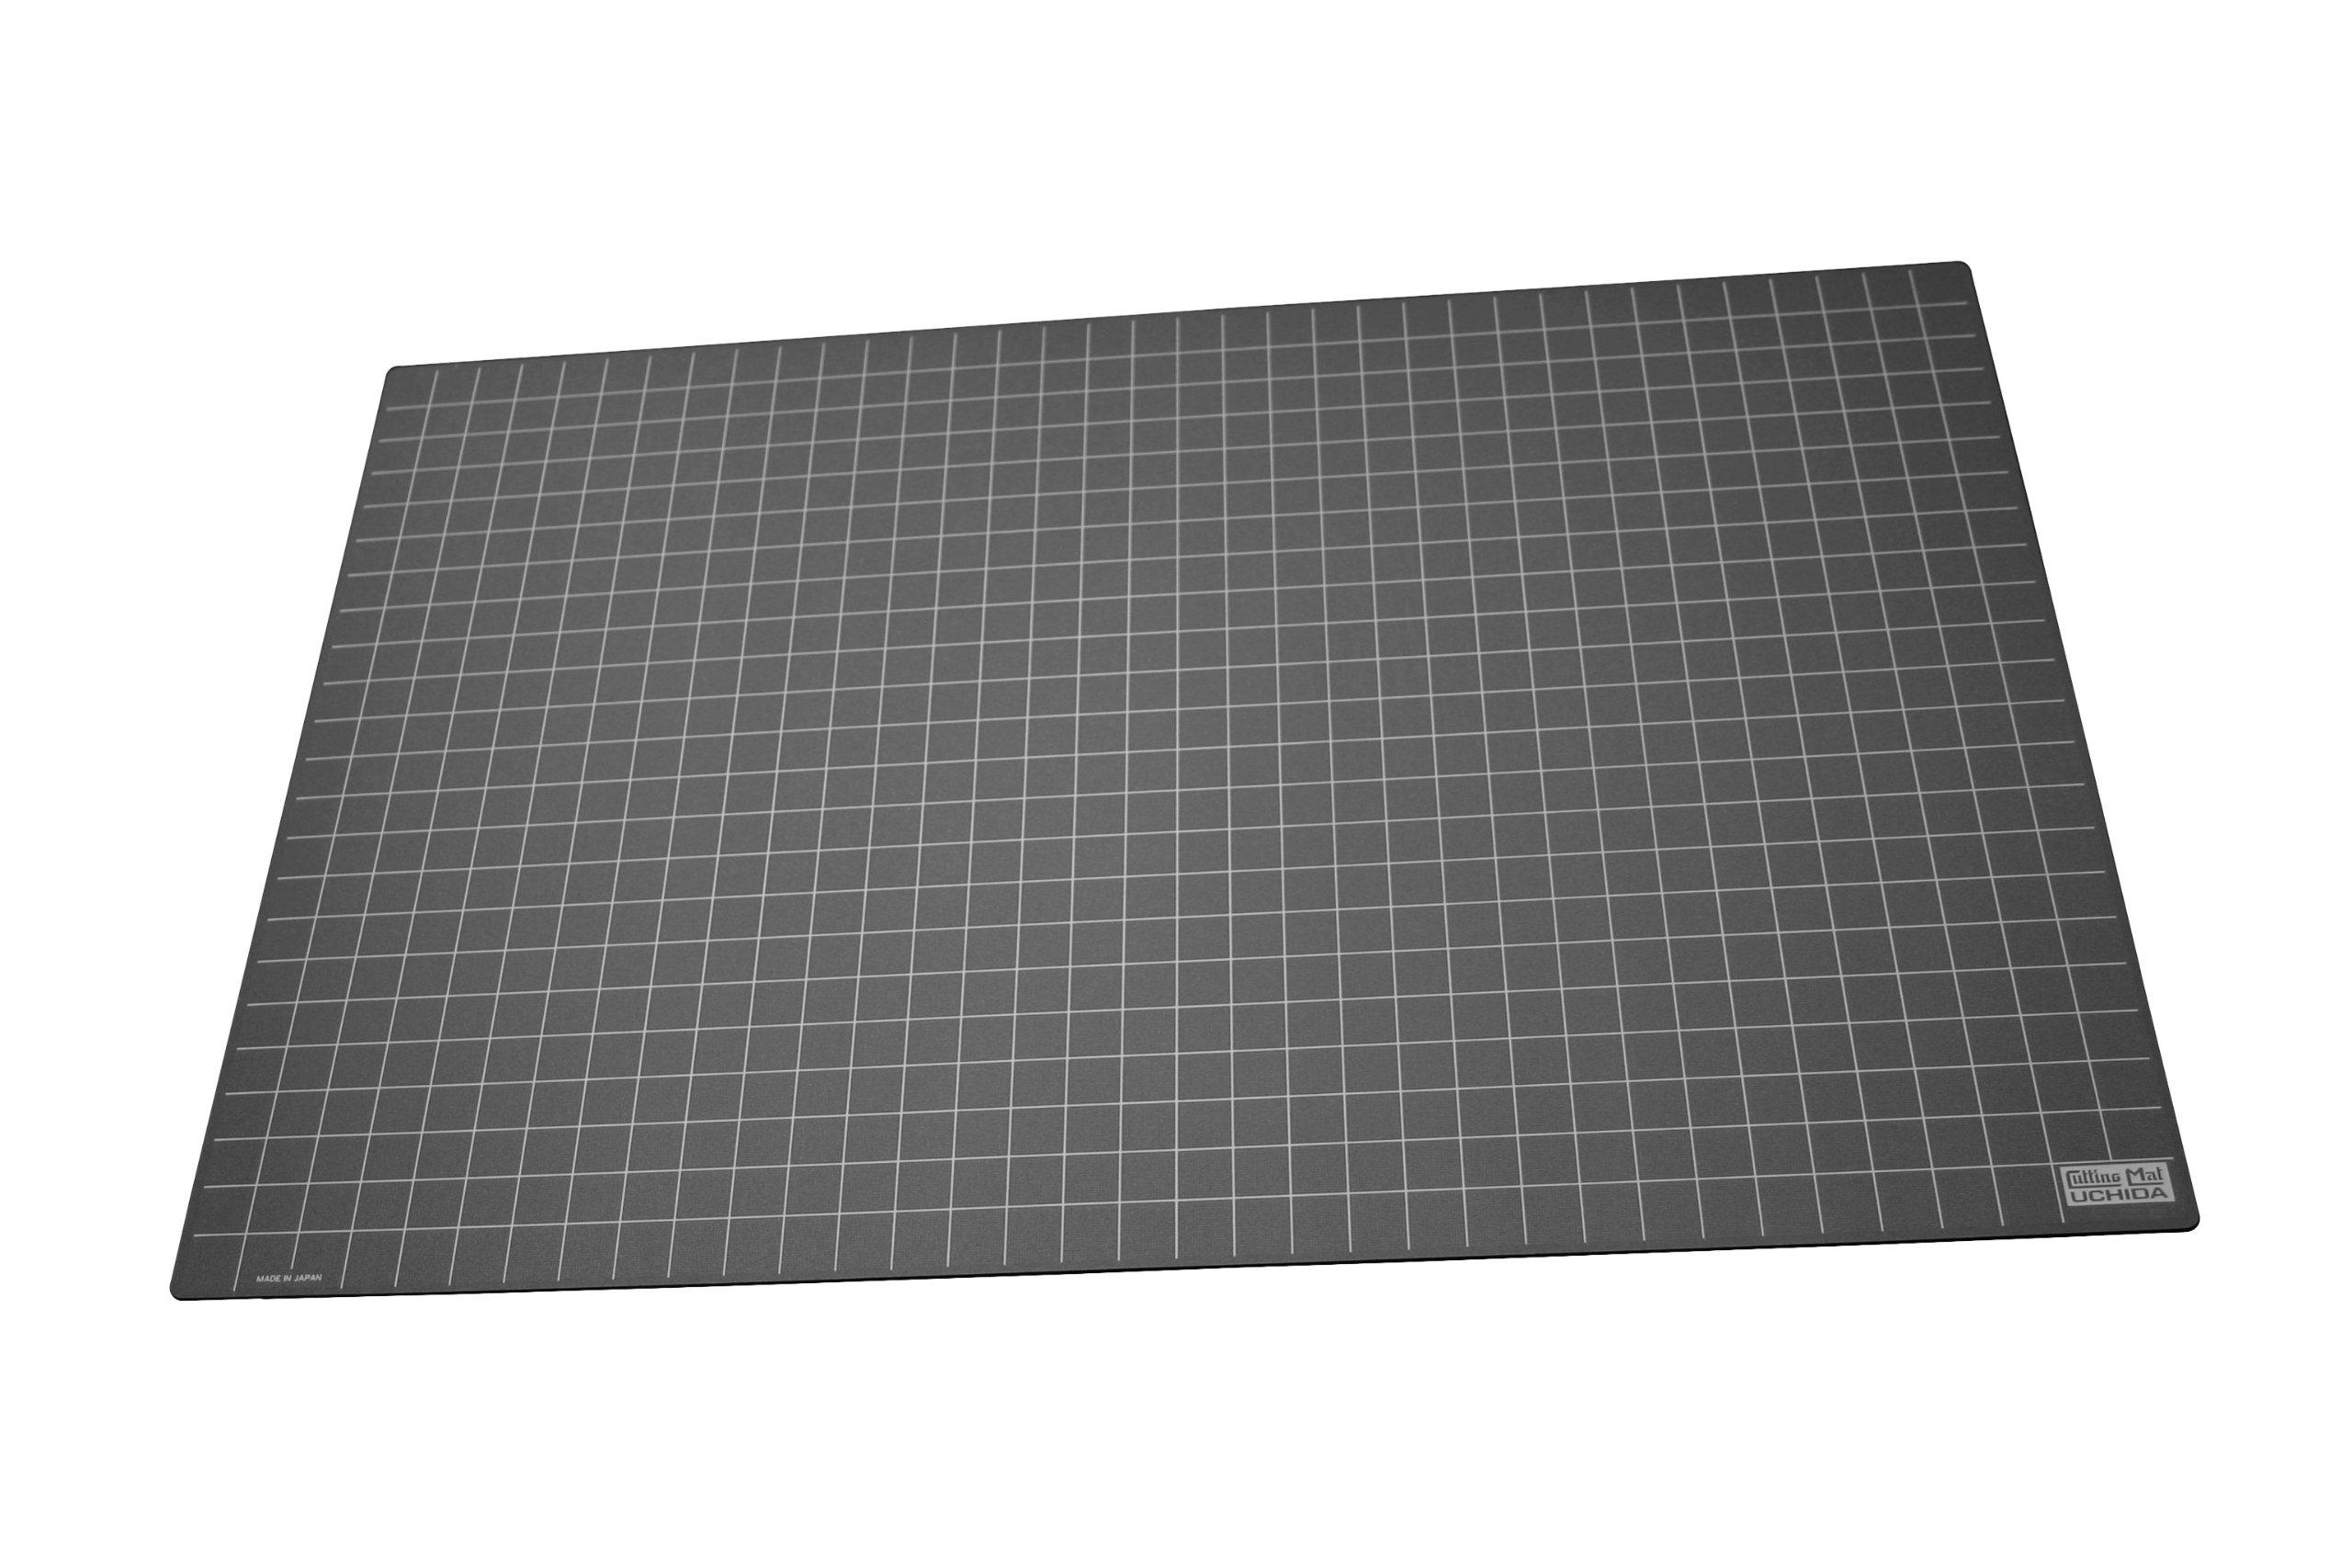 Uchida BL Marvy Opaque Cutting Mat, Black, 24-Inch by 36-Inch